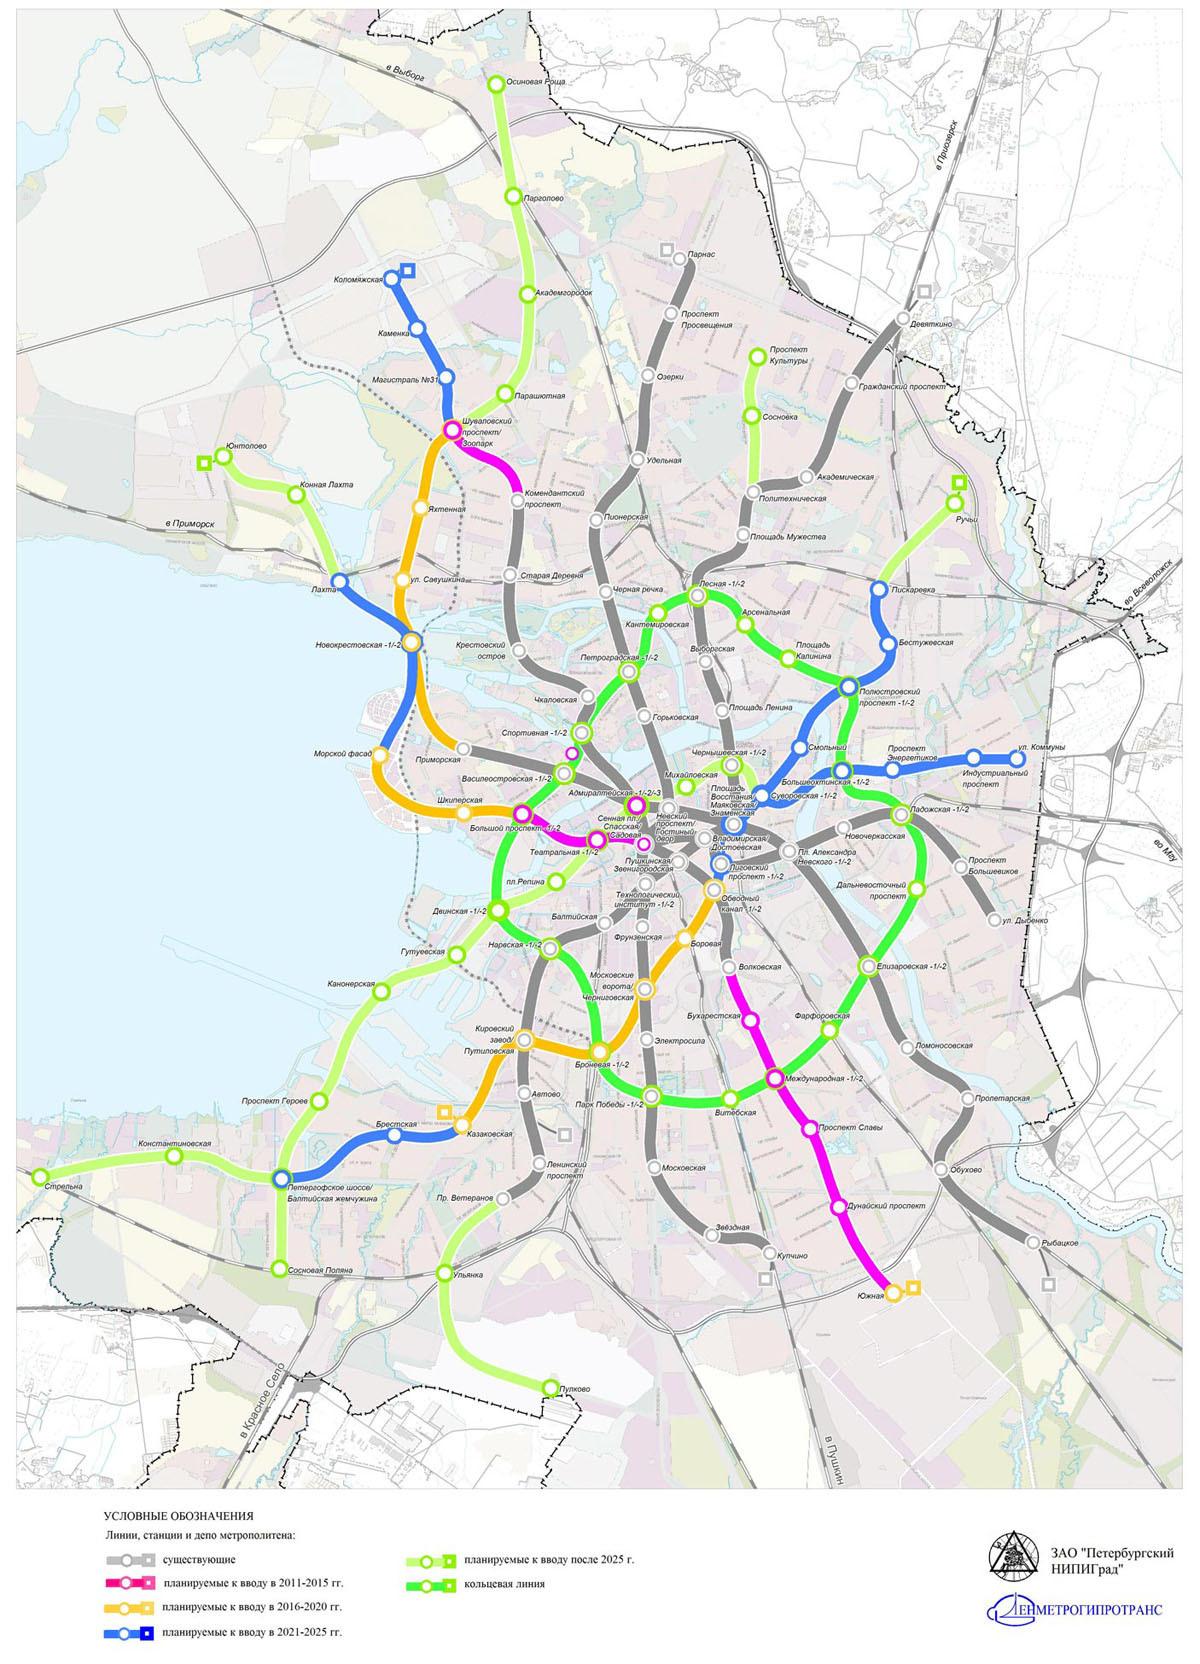 отраслевая схема развития метро СПб до 2025 года ( принятая в 2011 году)